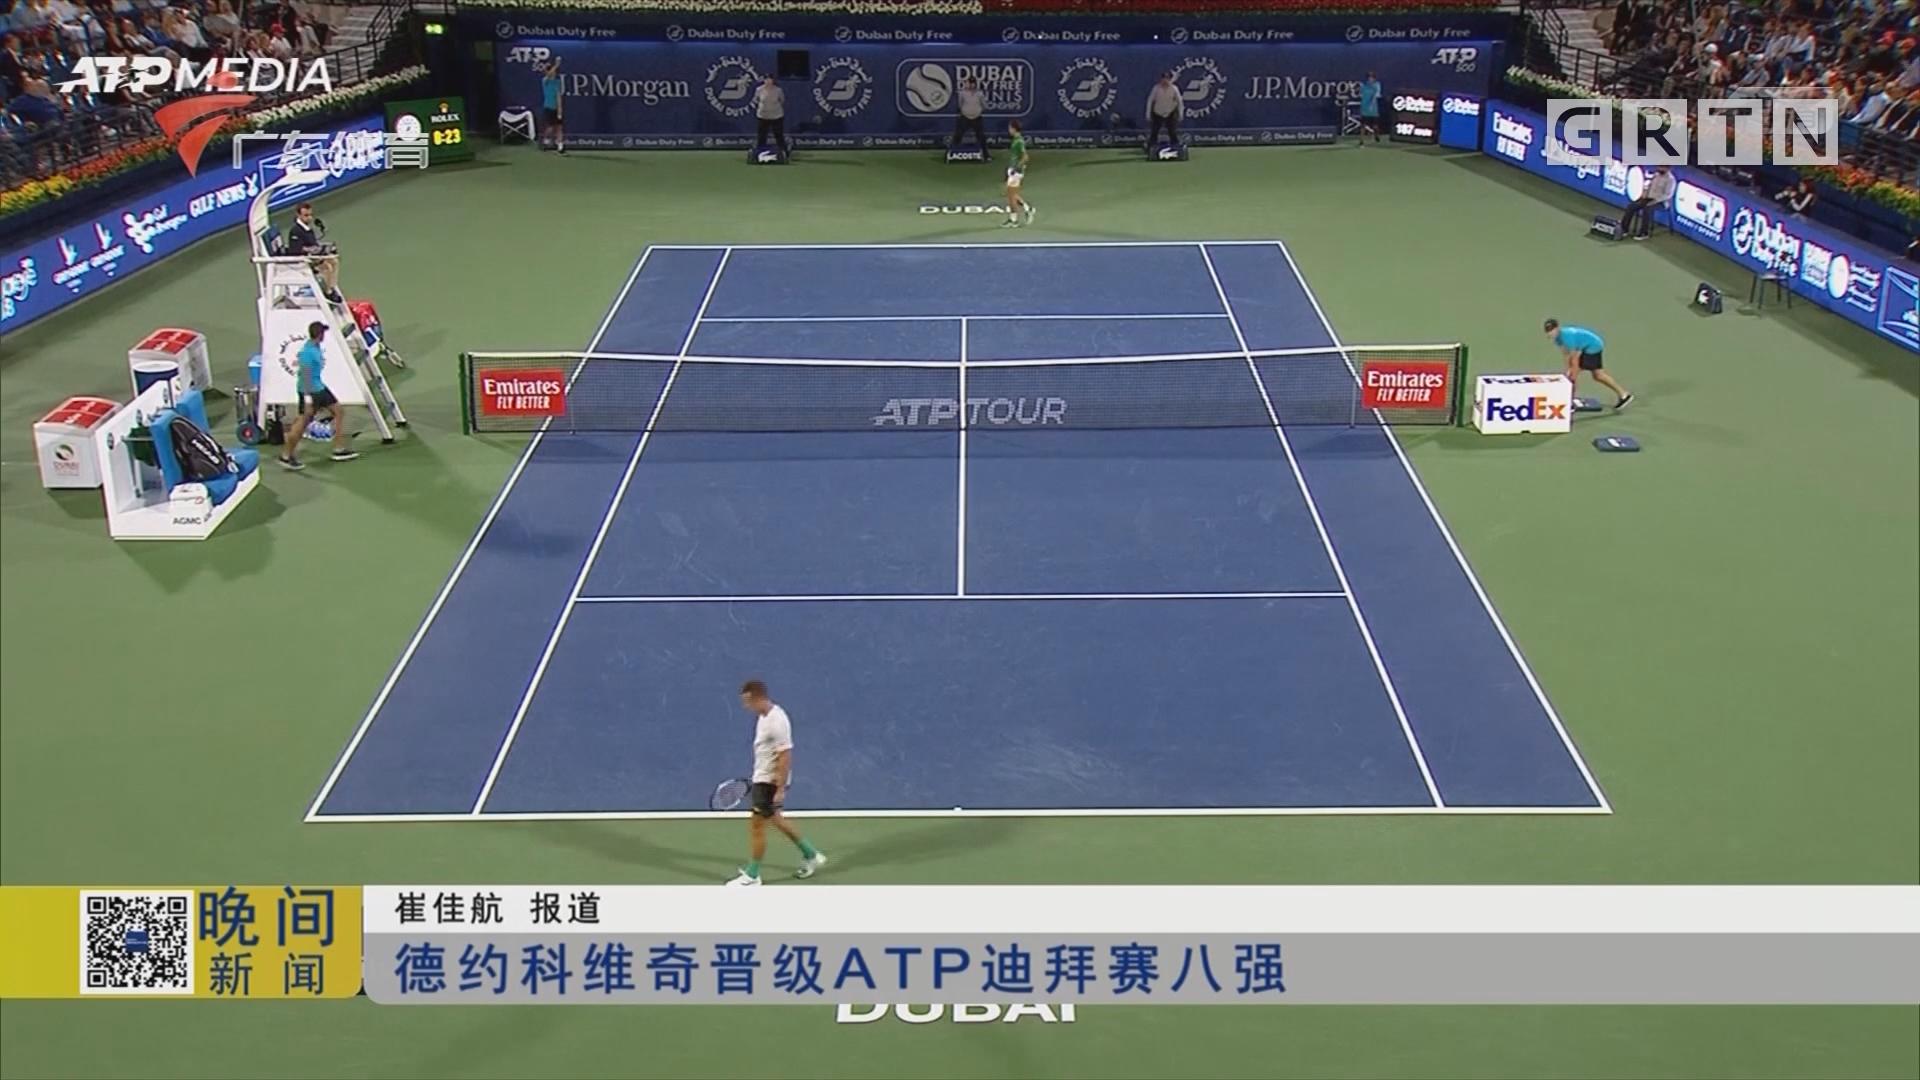 德约科维奇晋级ATP迪拜赛八强